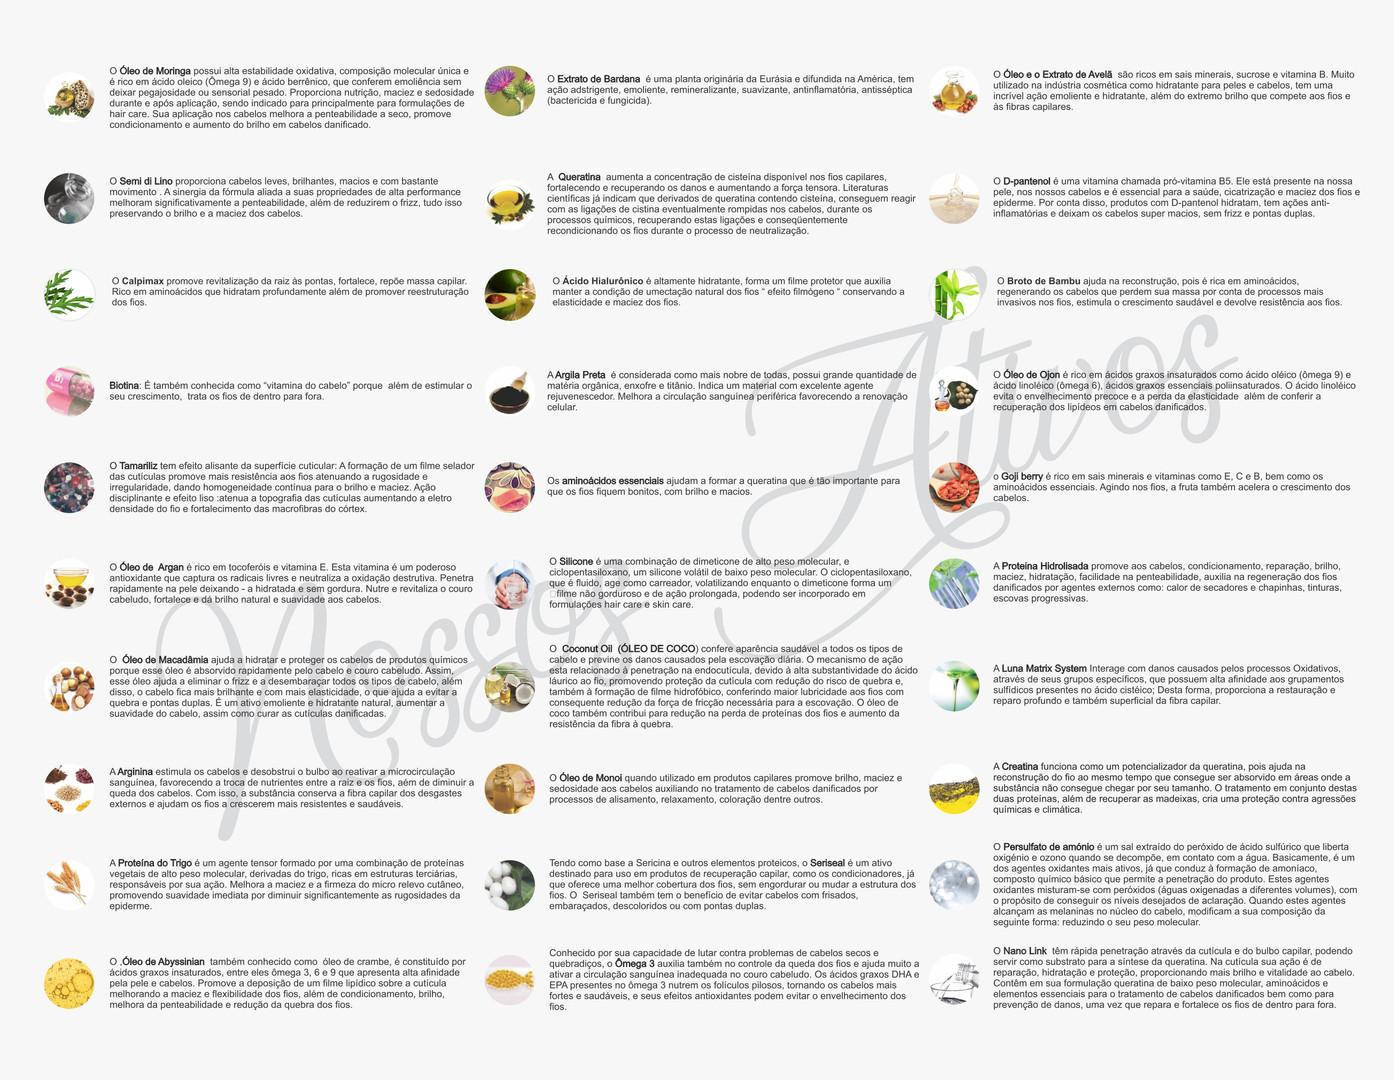 catálogo Atualizado 2020 12.jpg